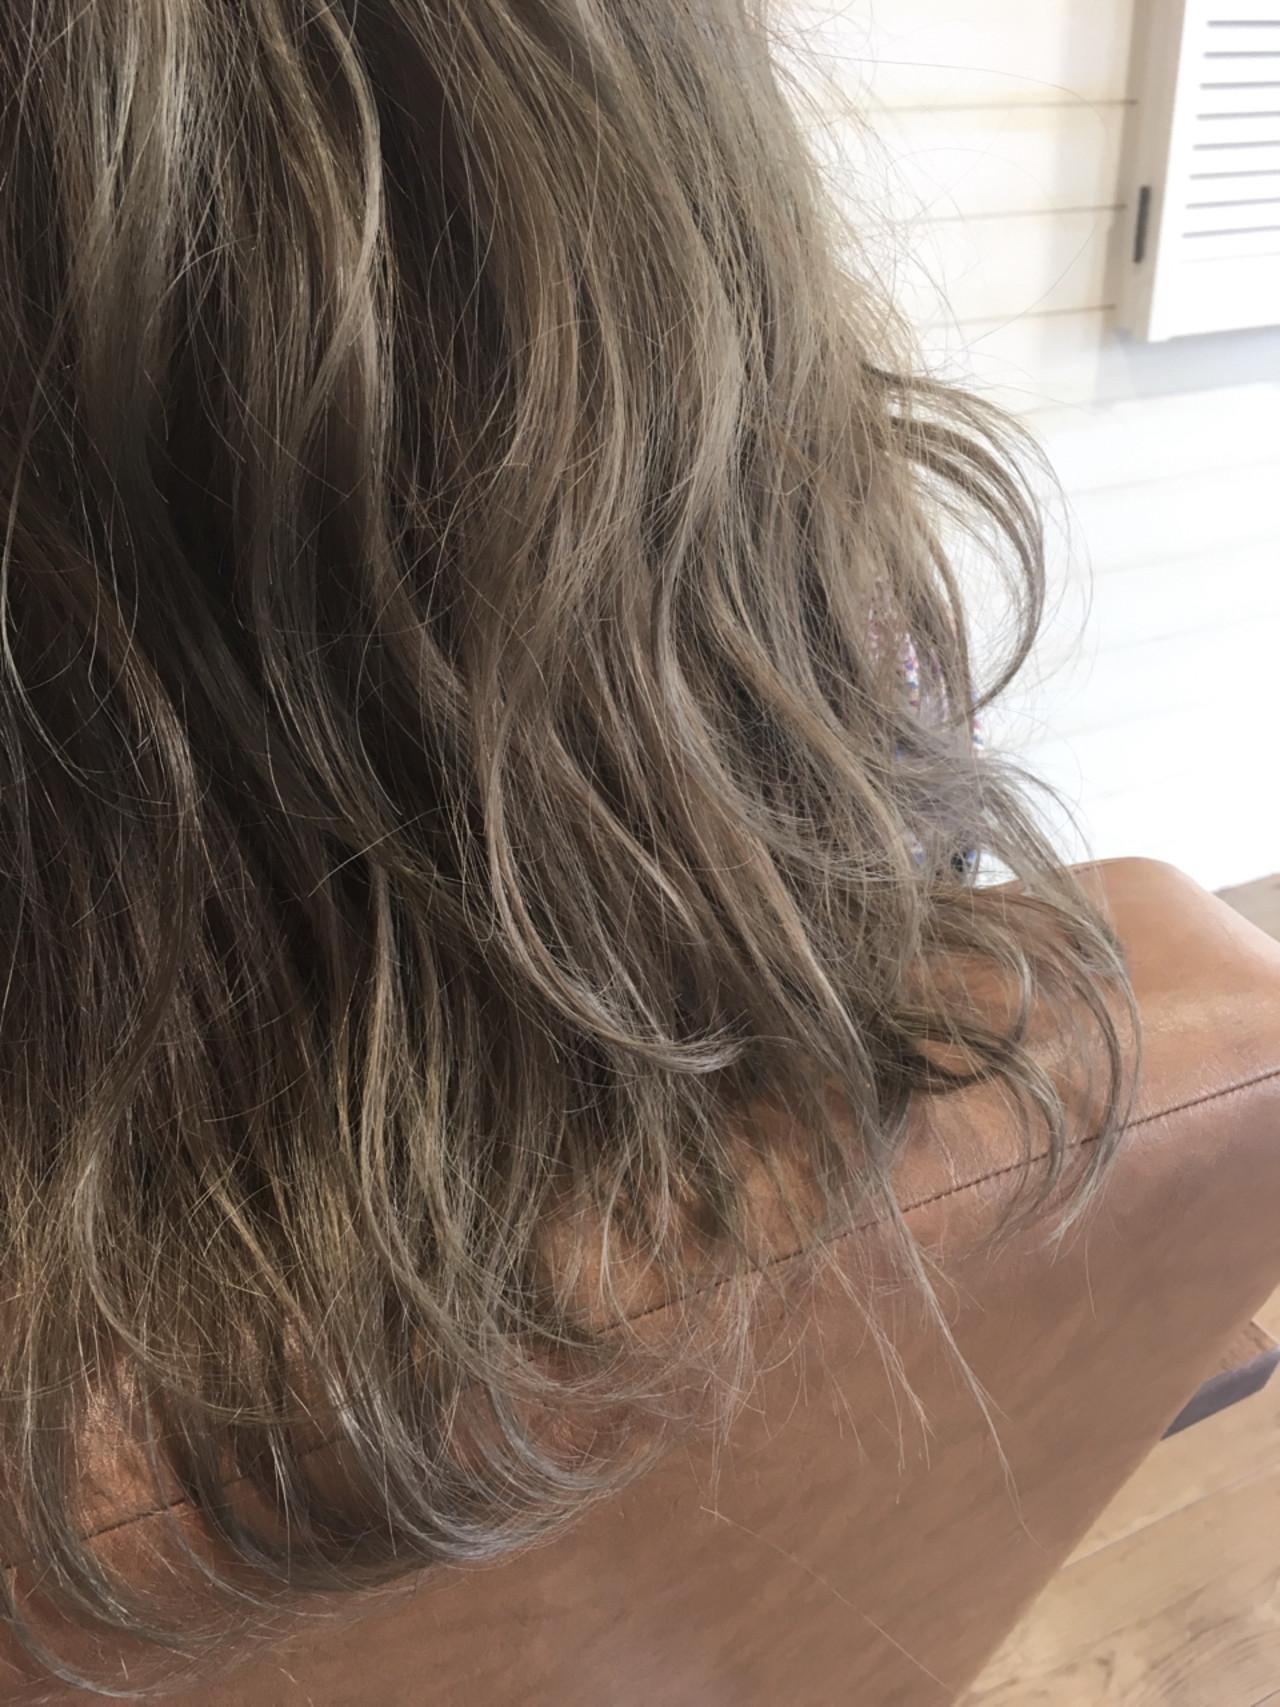 アプリエで染める事によりダブルカラーなしでこの透明感、外人風が1回で染まり、ダメージレス!! 写真の右側から自然光が入ってます! 左側は自然に見え、自然光が当たってる方は光で透けて透明感抜群です。  色はブルーアッシュで、イエローベースの方なので赤味がでやすく、色が落ちたらオレンジになりやすい髪質なのでアプリエのpcパウダーで赤味を削り、なおかつマットでより抑えてます。